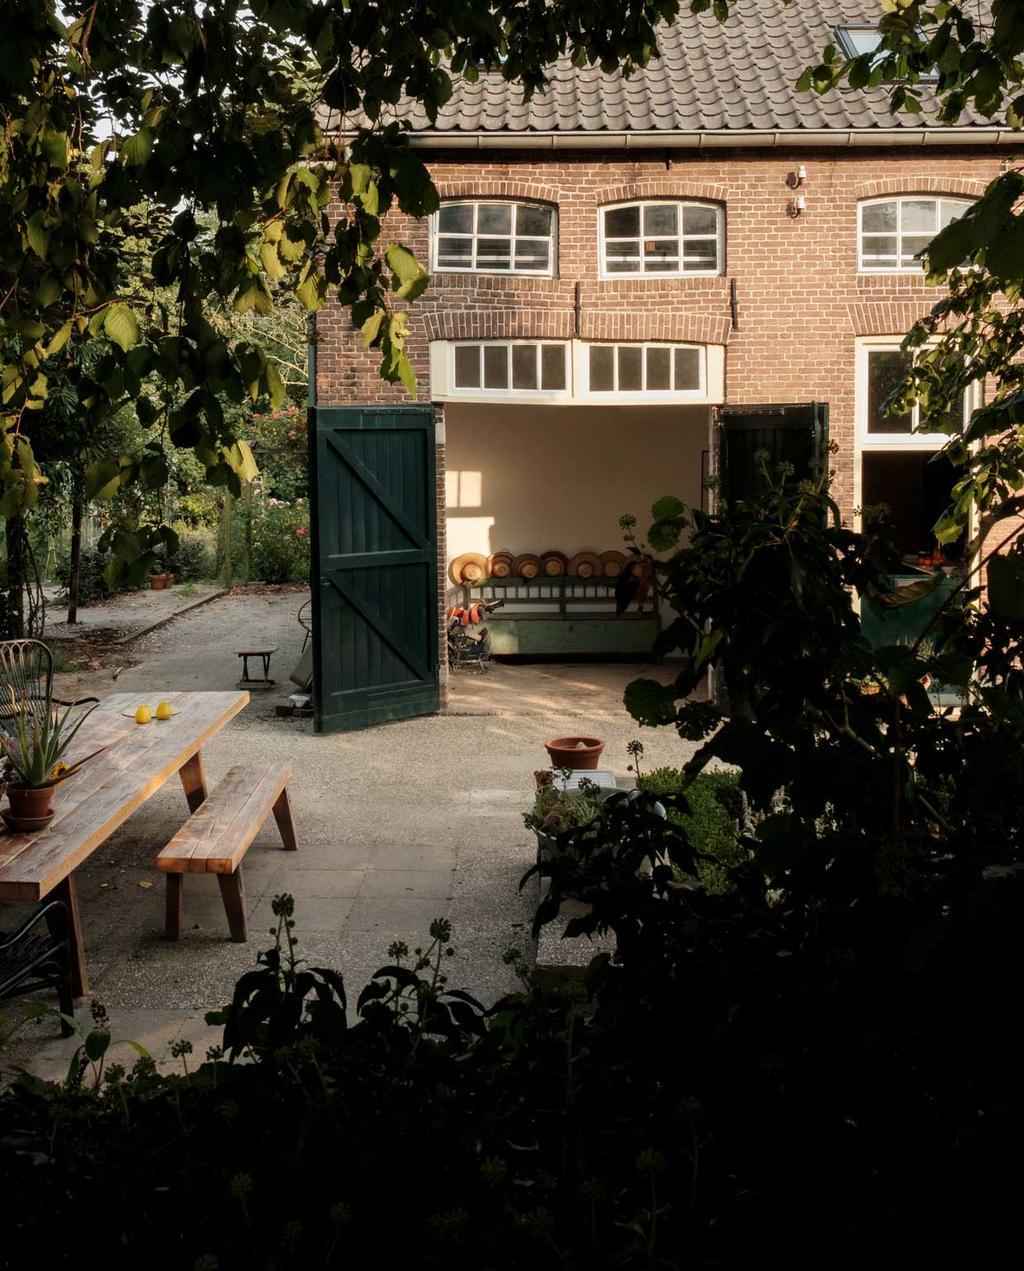 vtwonen 10-2020 | Kijkkamer bommelerwaard | tuin met openslaande schuurdeur